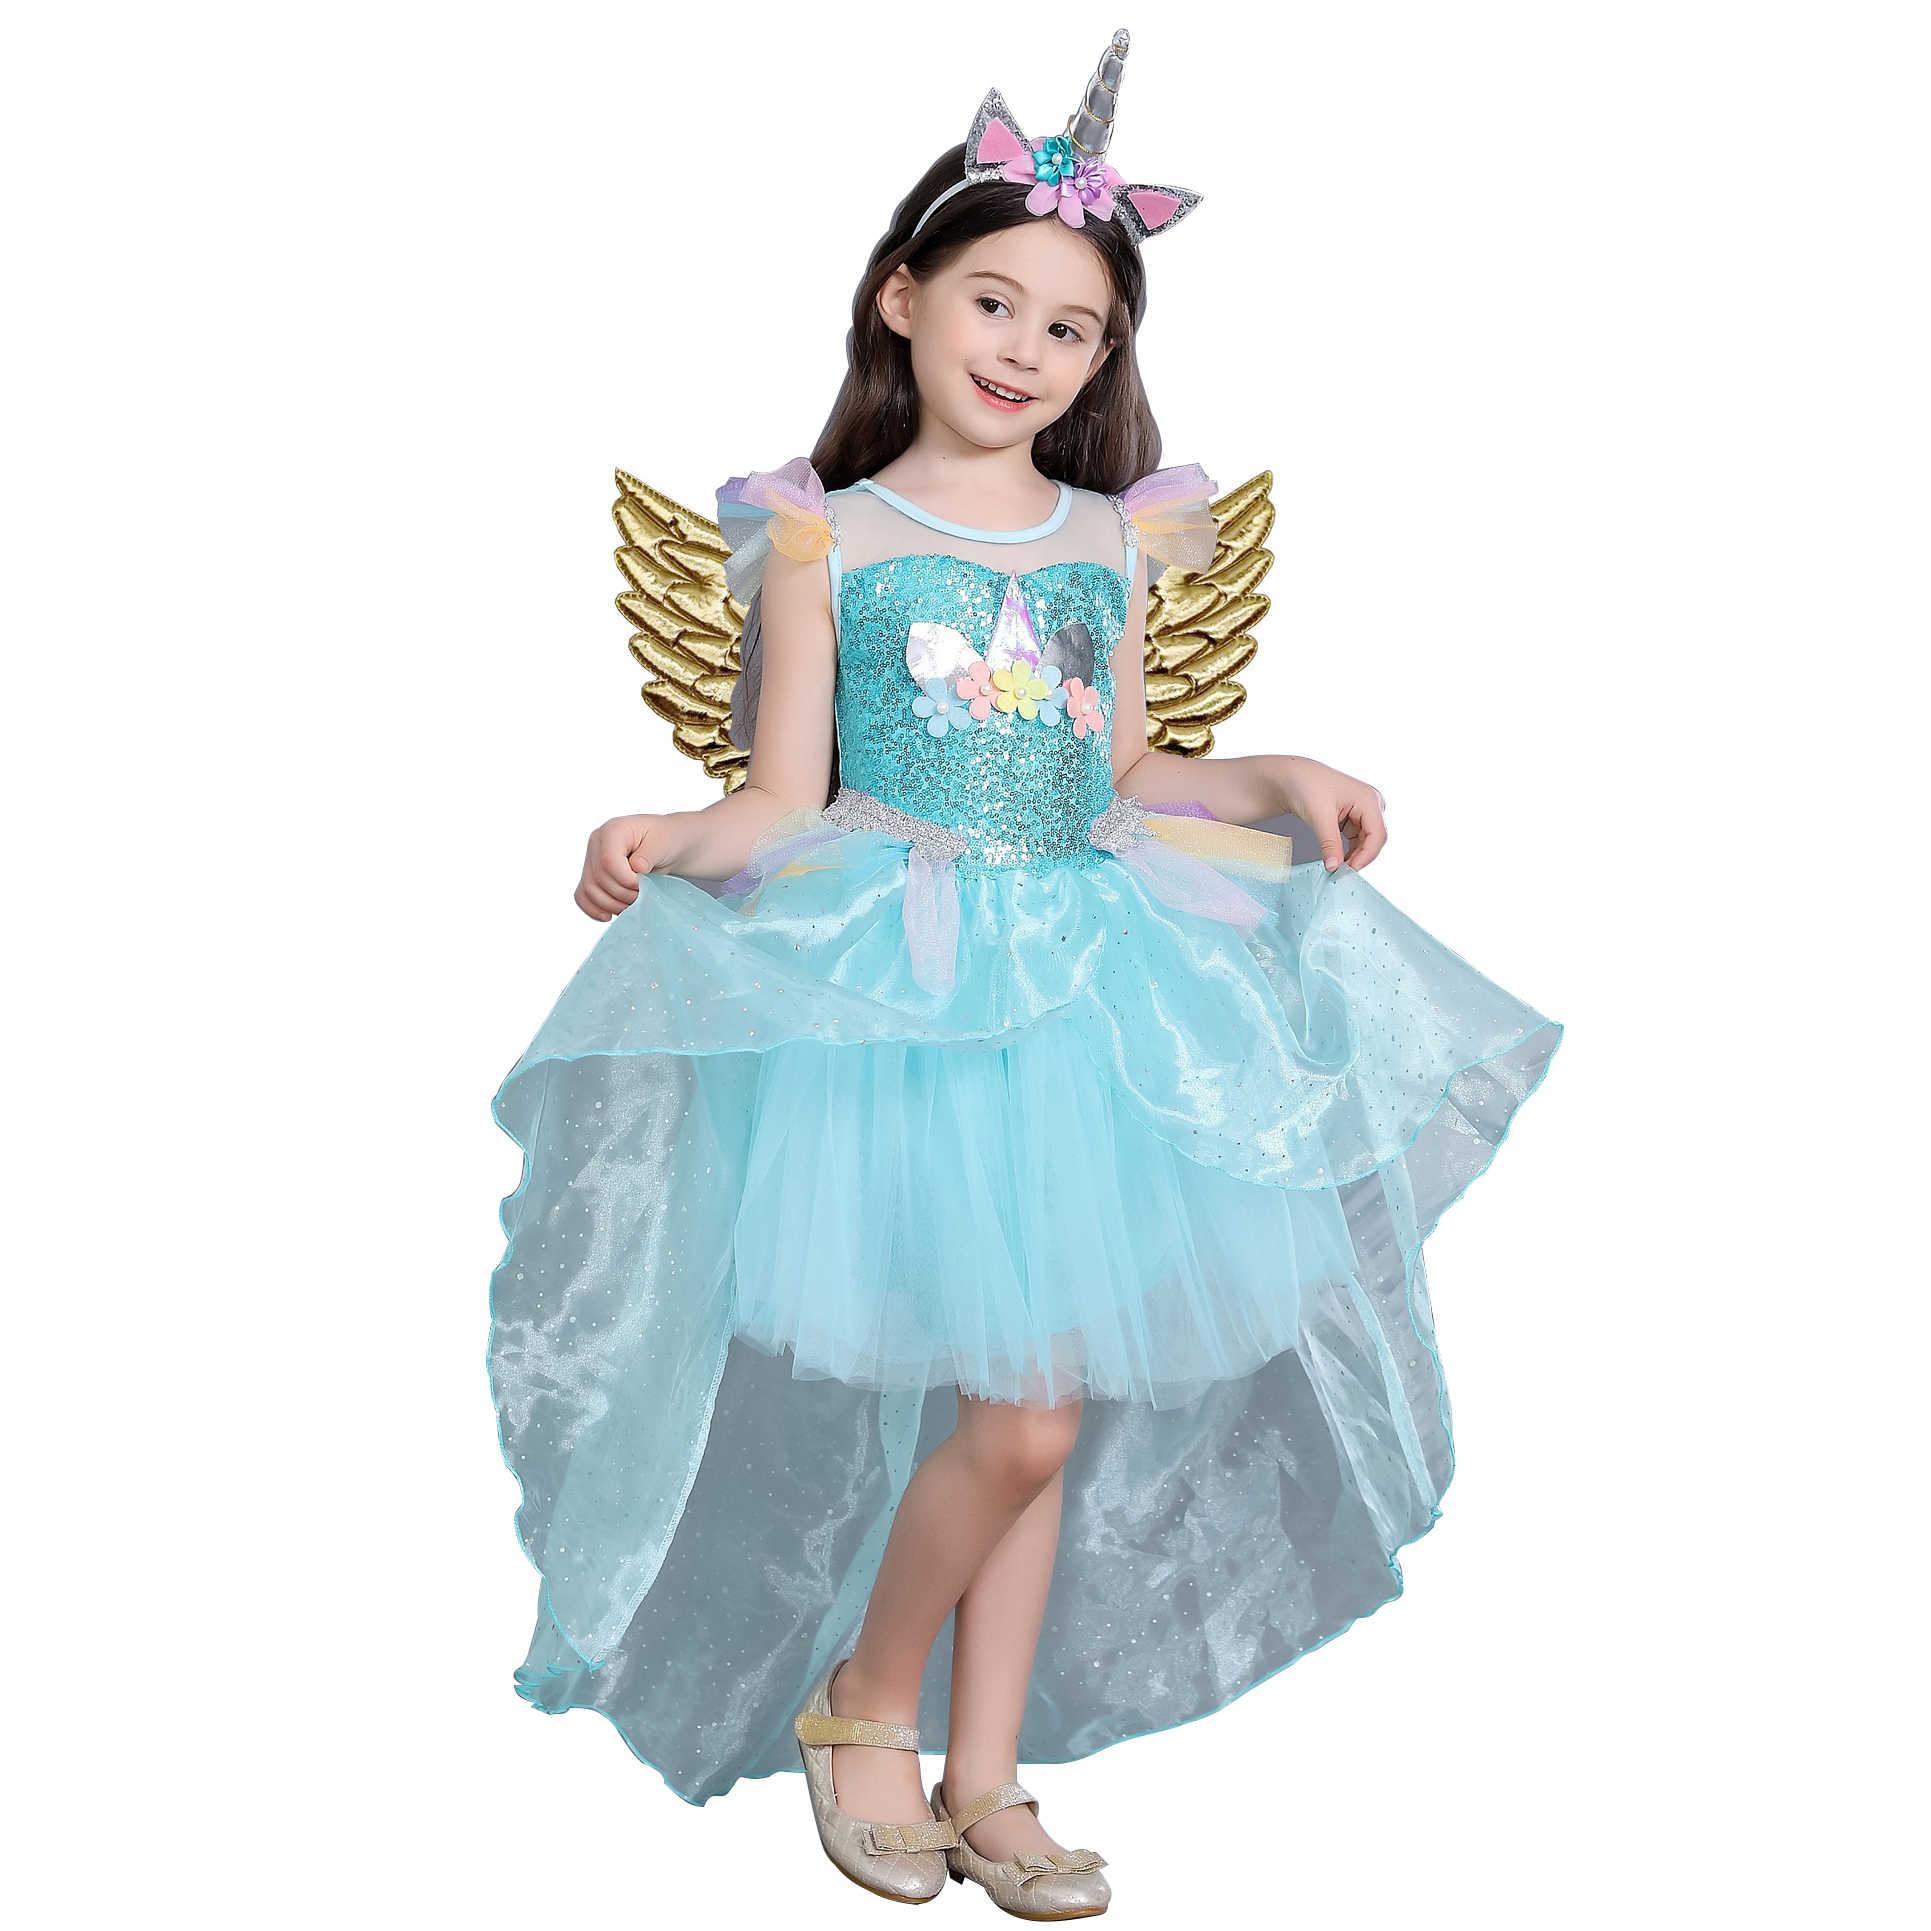 Lentejuelas Princesa Unicornio Disfraz De Ninos Para Carnaval Unicornio Vestido De Fantasia Para Ninos Ninas Boutique De Halloween Traje De Fiesta De Cumpleanos Vestidos Aliexpress